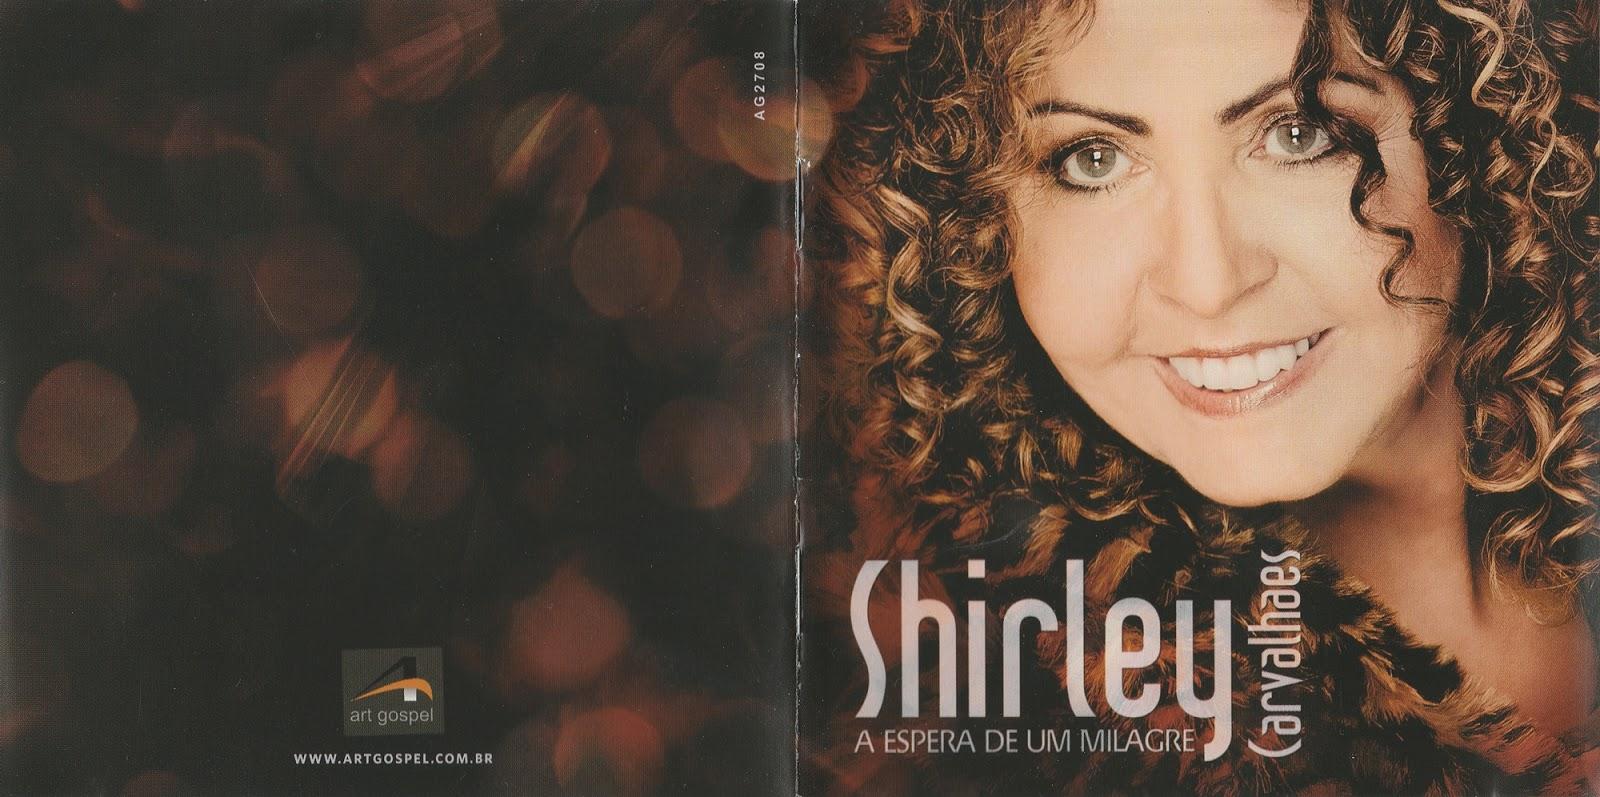 cd shirley carvalhaes 2011 a espera de um milagre